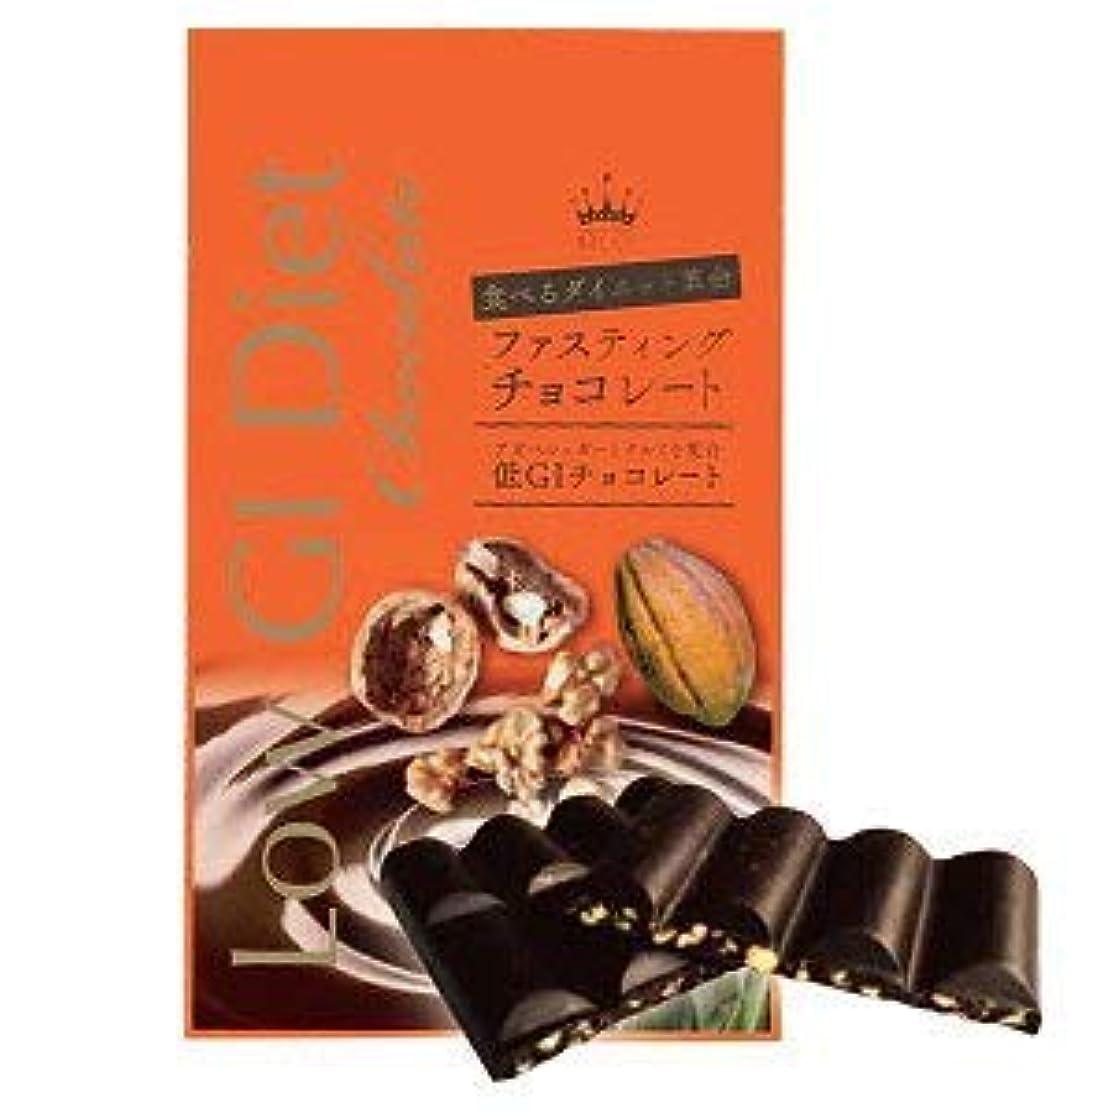 先例ウール厚いファスティングチョコレート 25g×3個 1袋